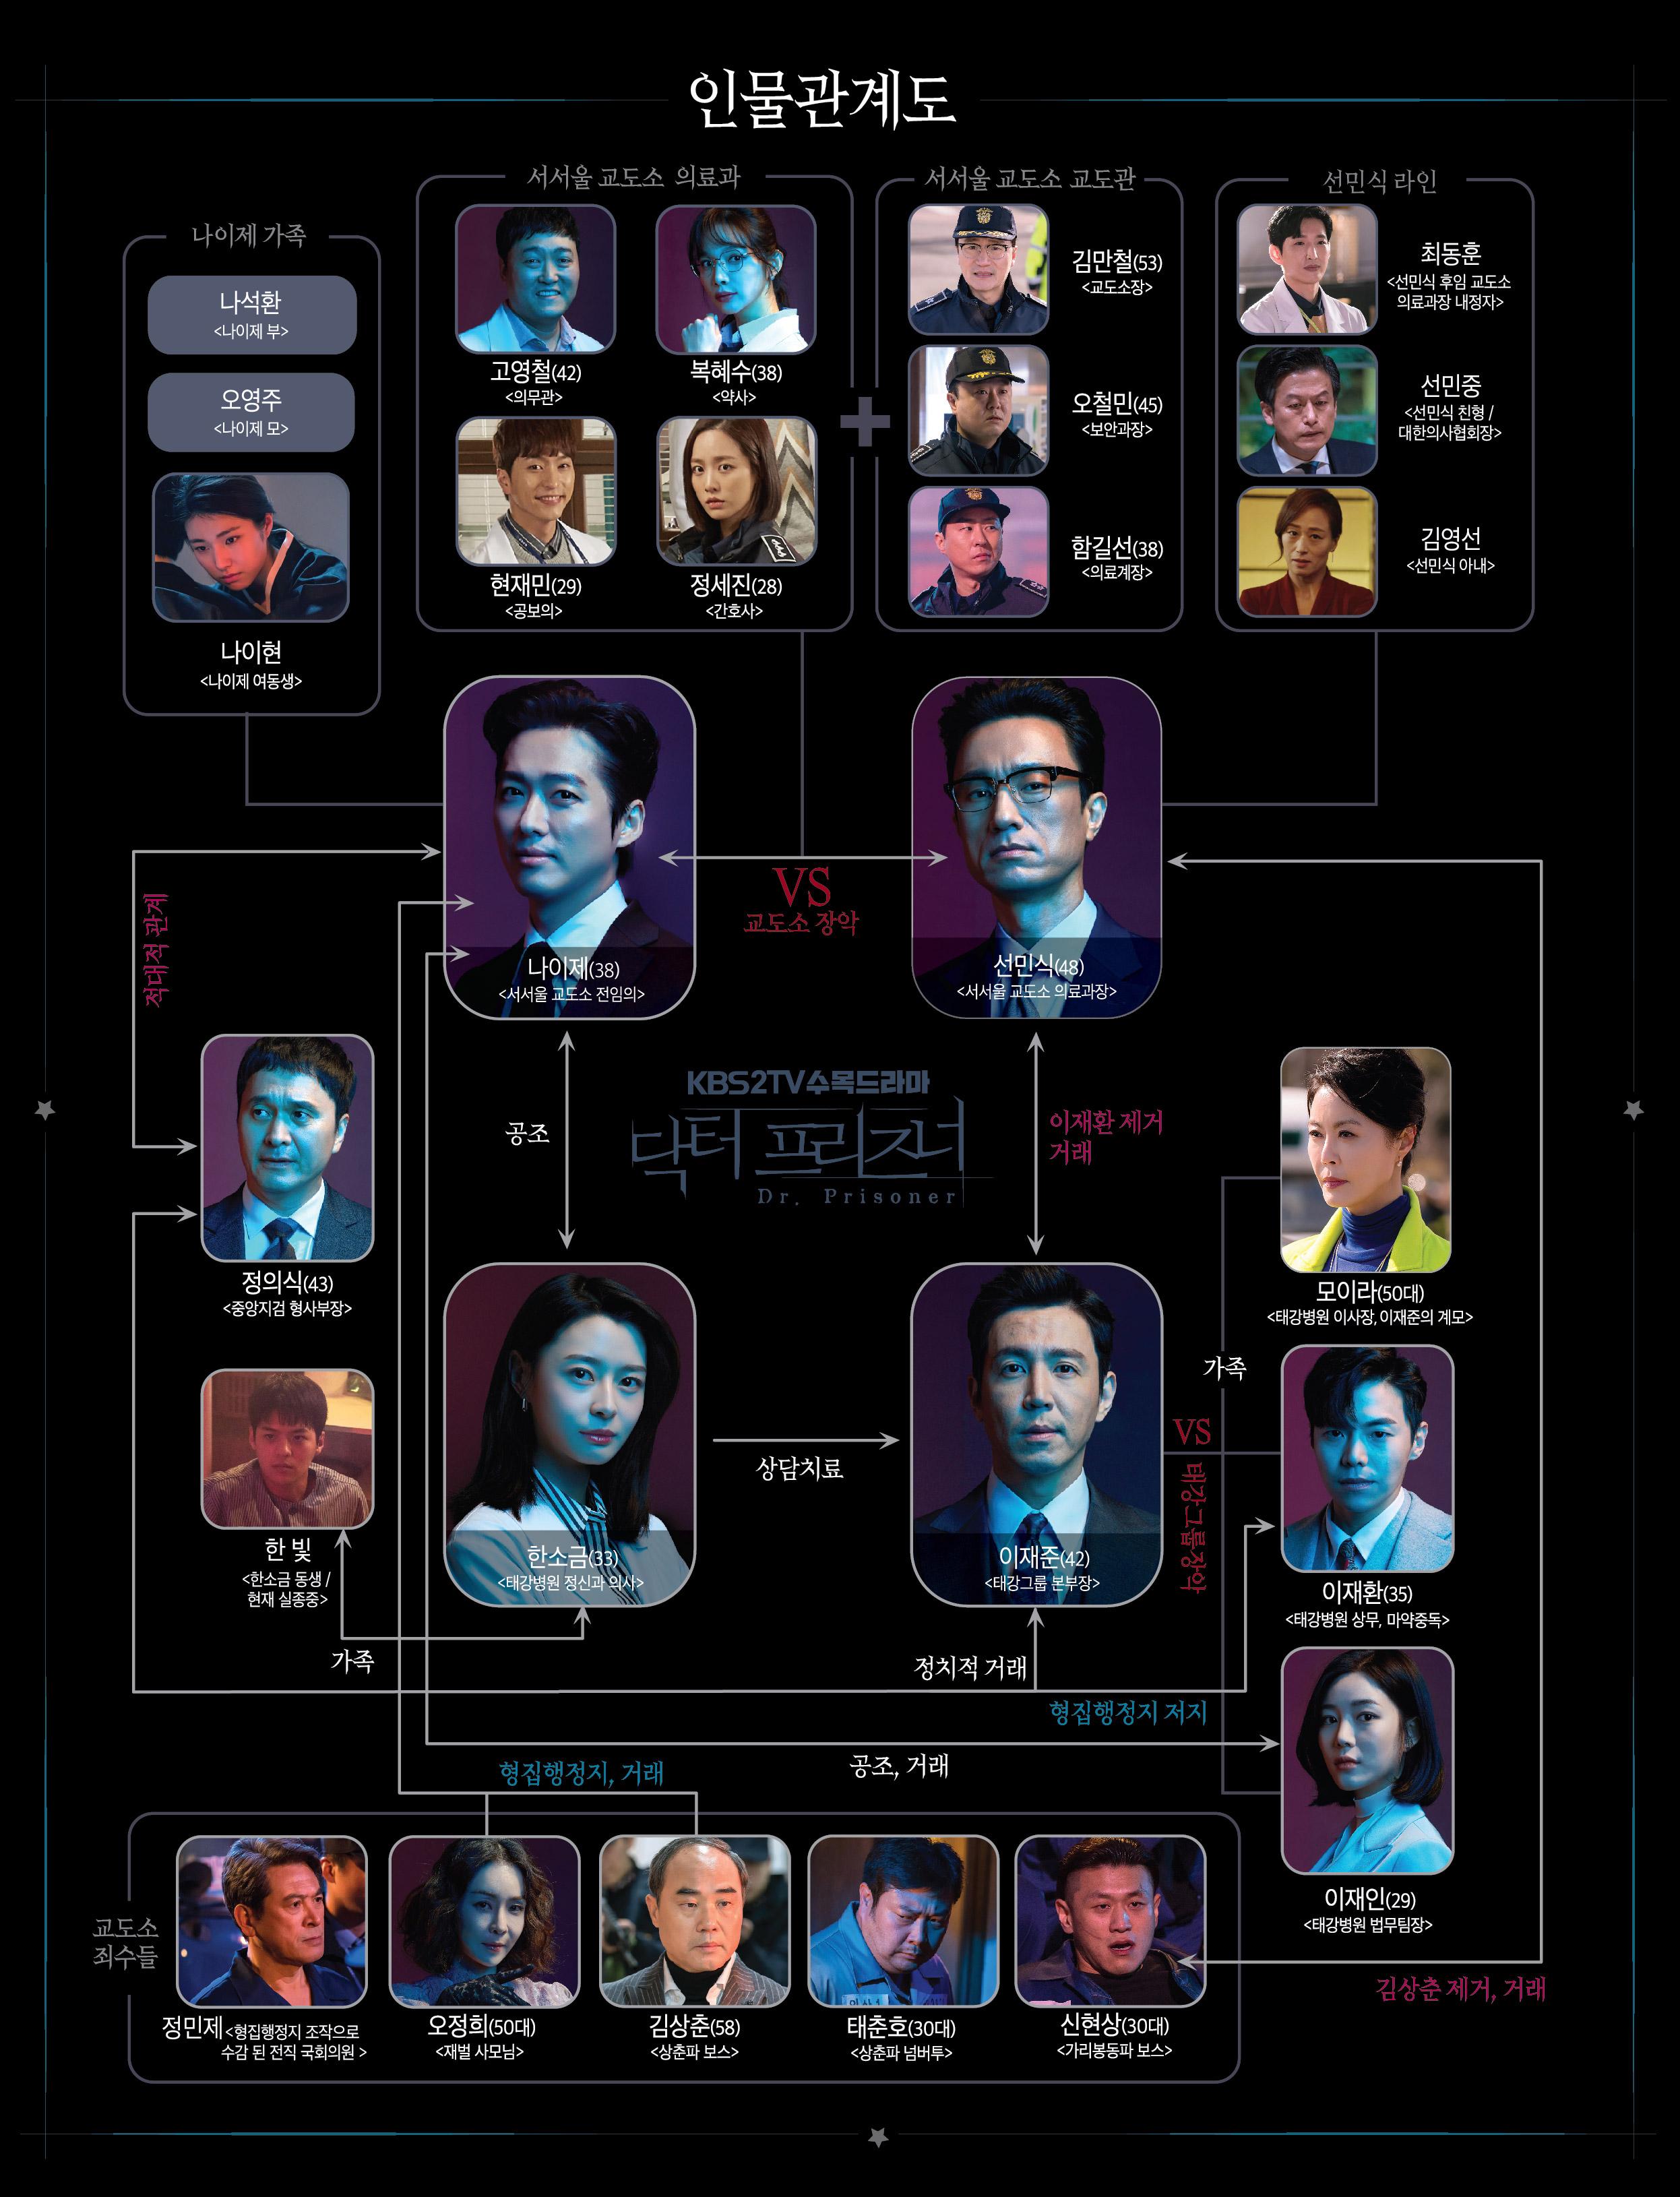 ■韓国ドラマ【ドクタープリズナー】の人物相関図